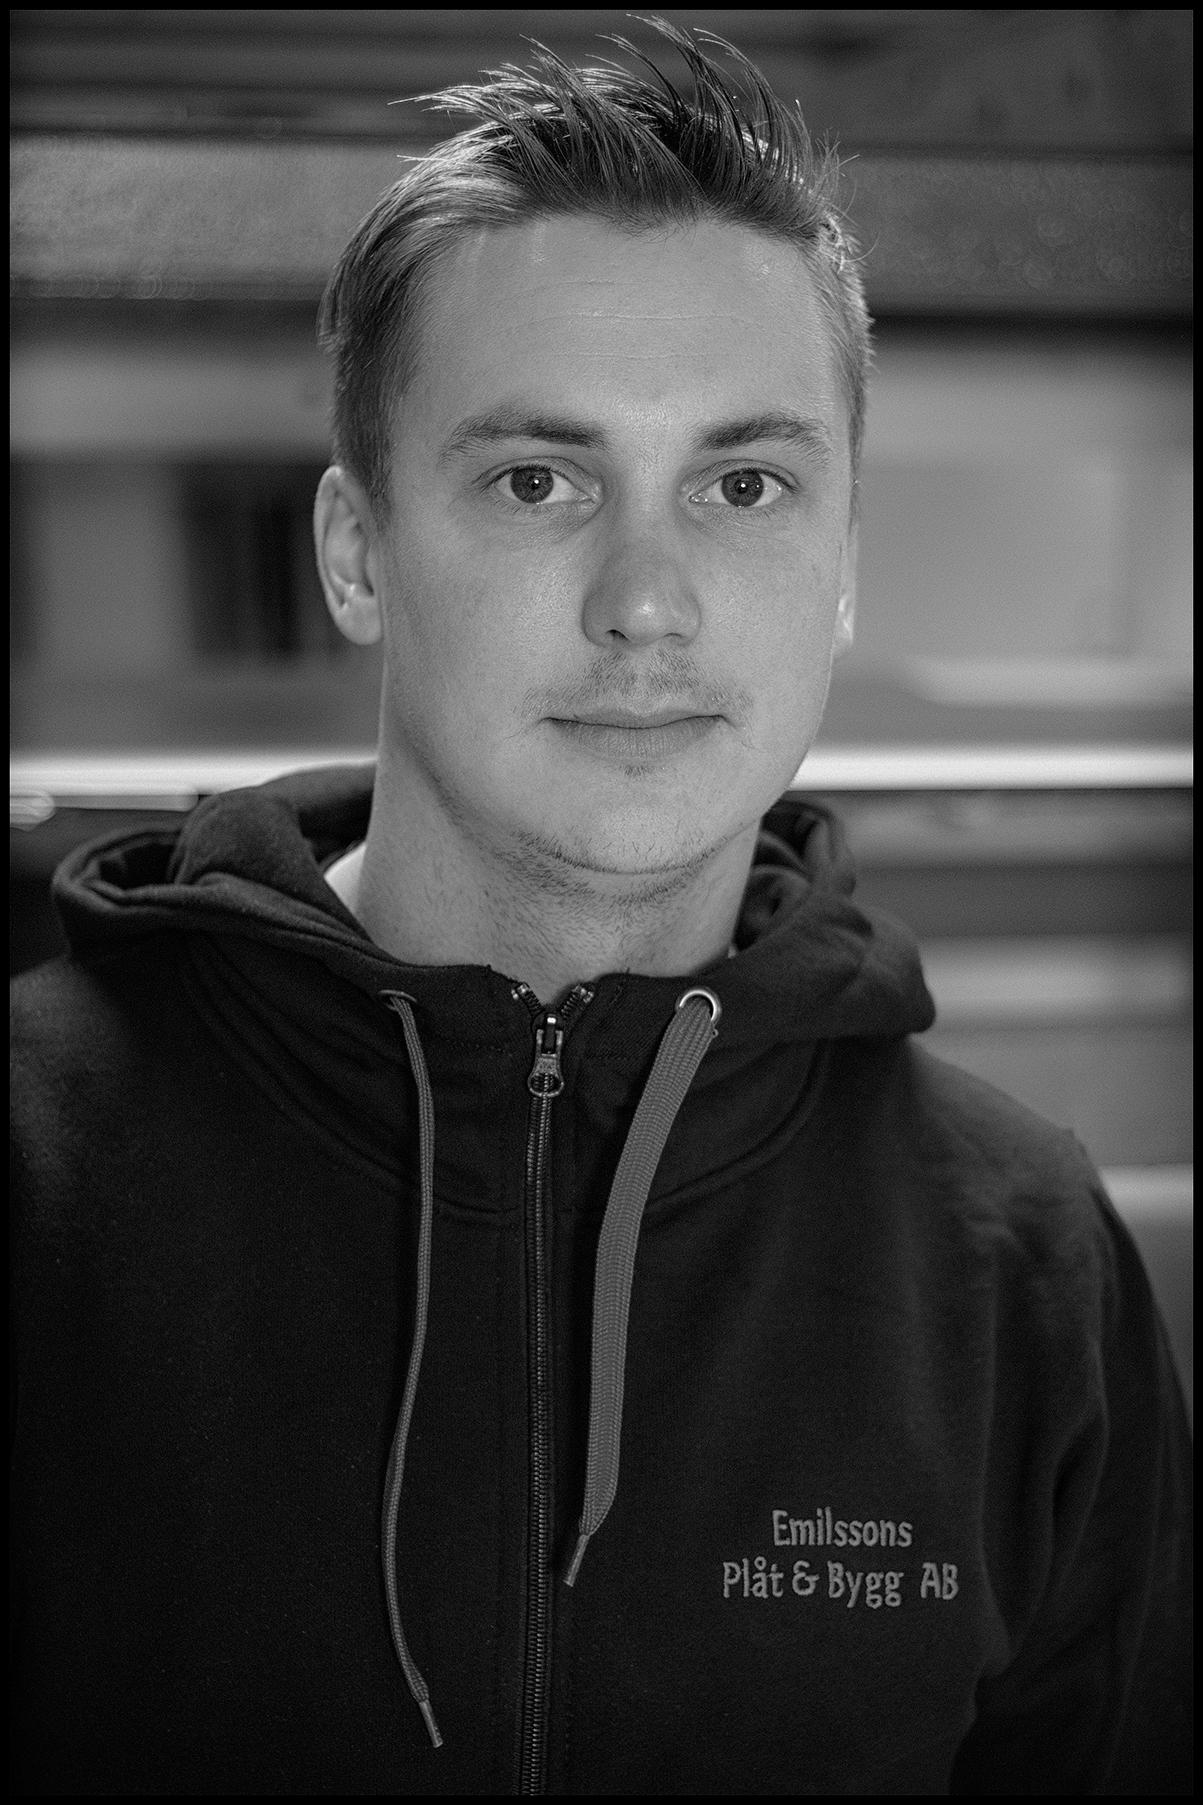 Josef Emilsson